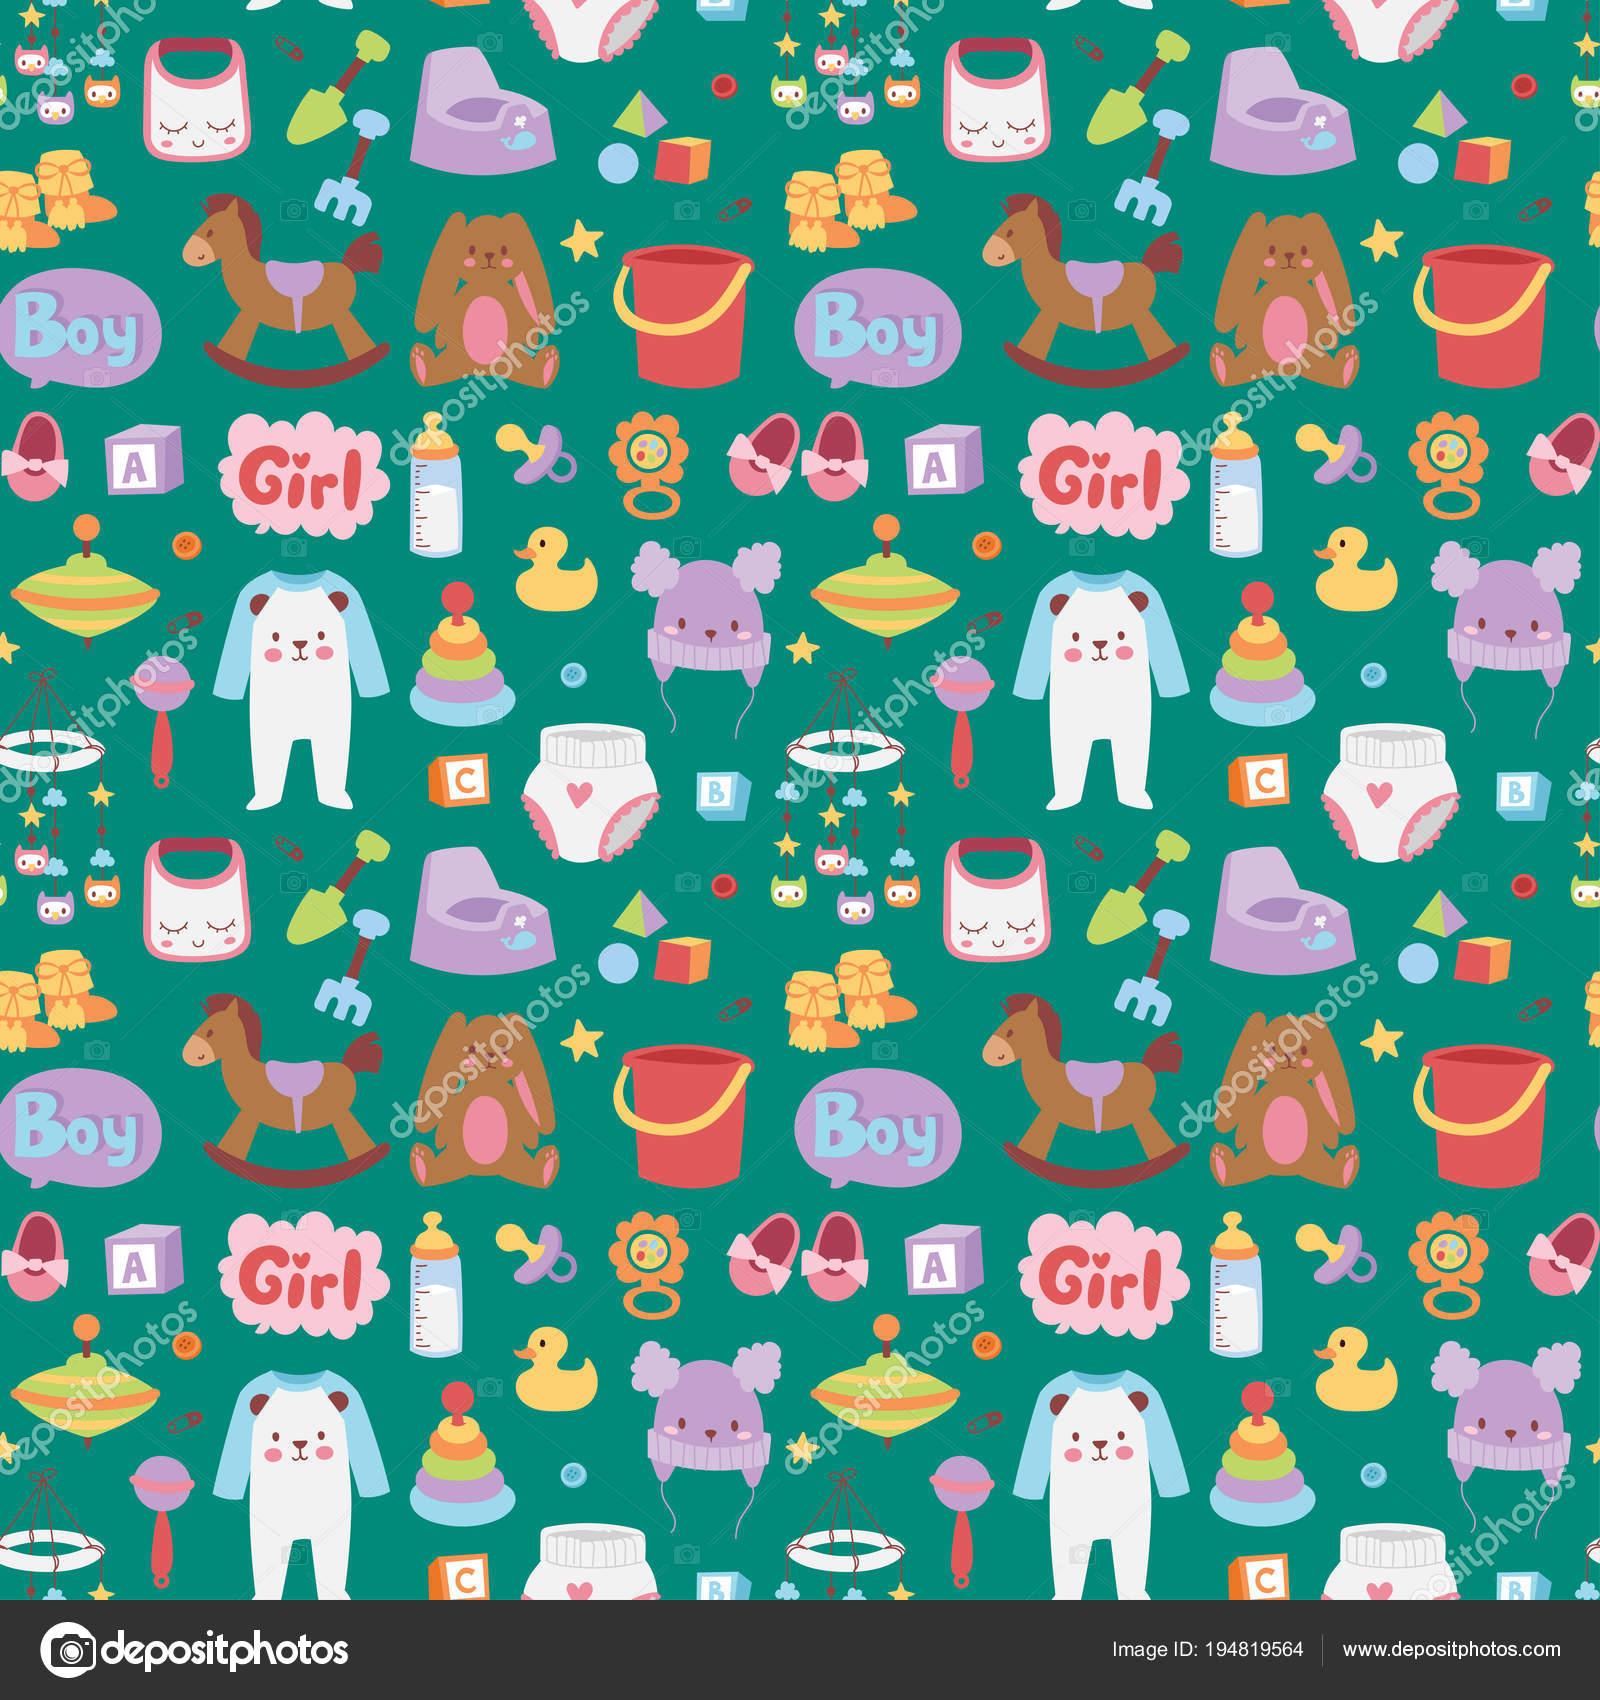 769153ea02d195 Bébé jouets icônes dessin animé enfant famille toyshop design mignon garçon  et fille l enfance art diaper dessin graphique amour hochet amusant motif  sans ...